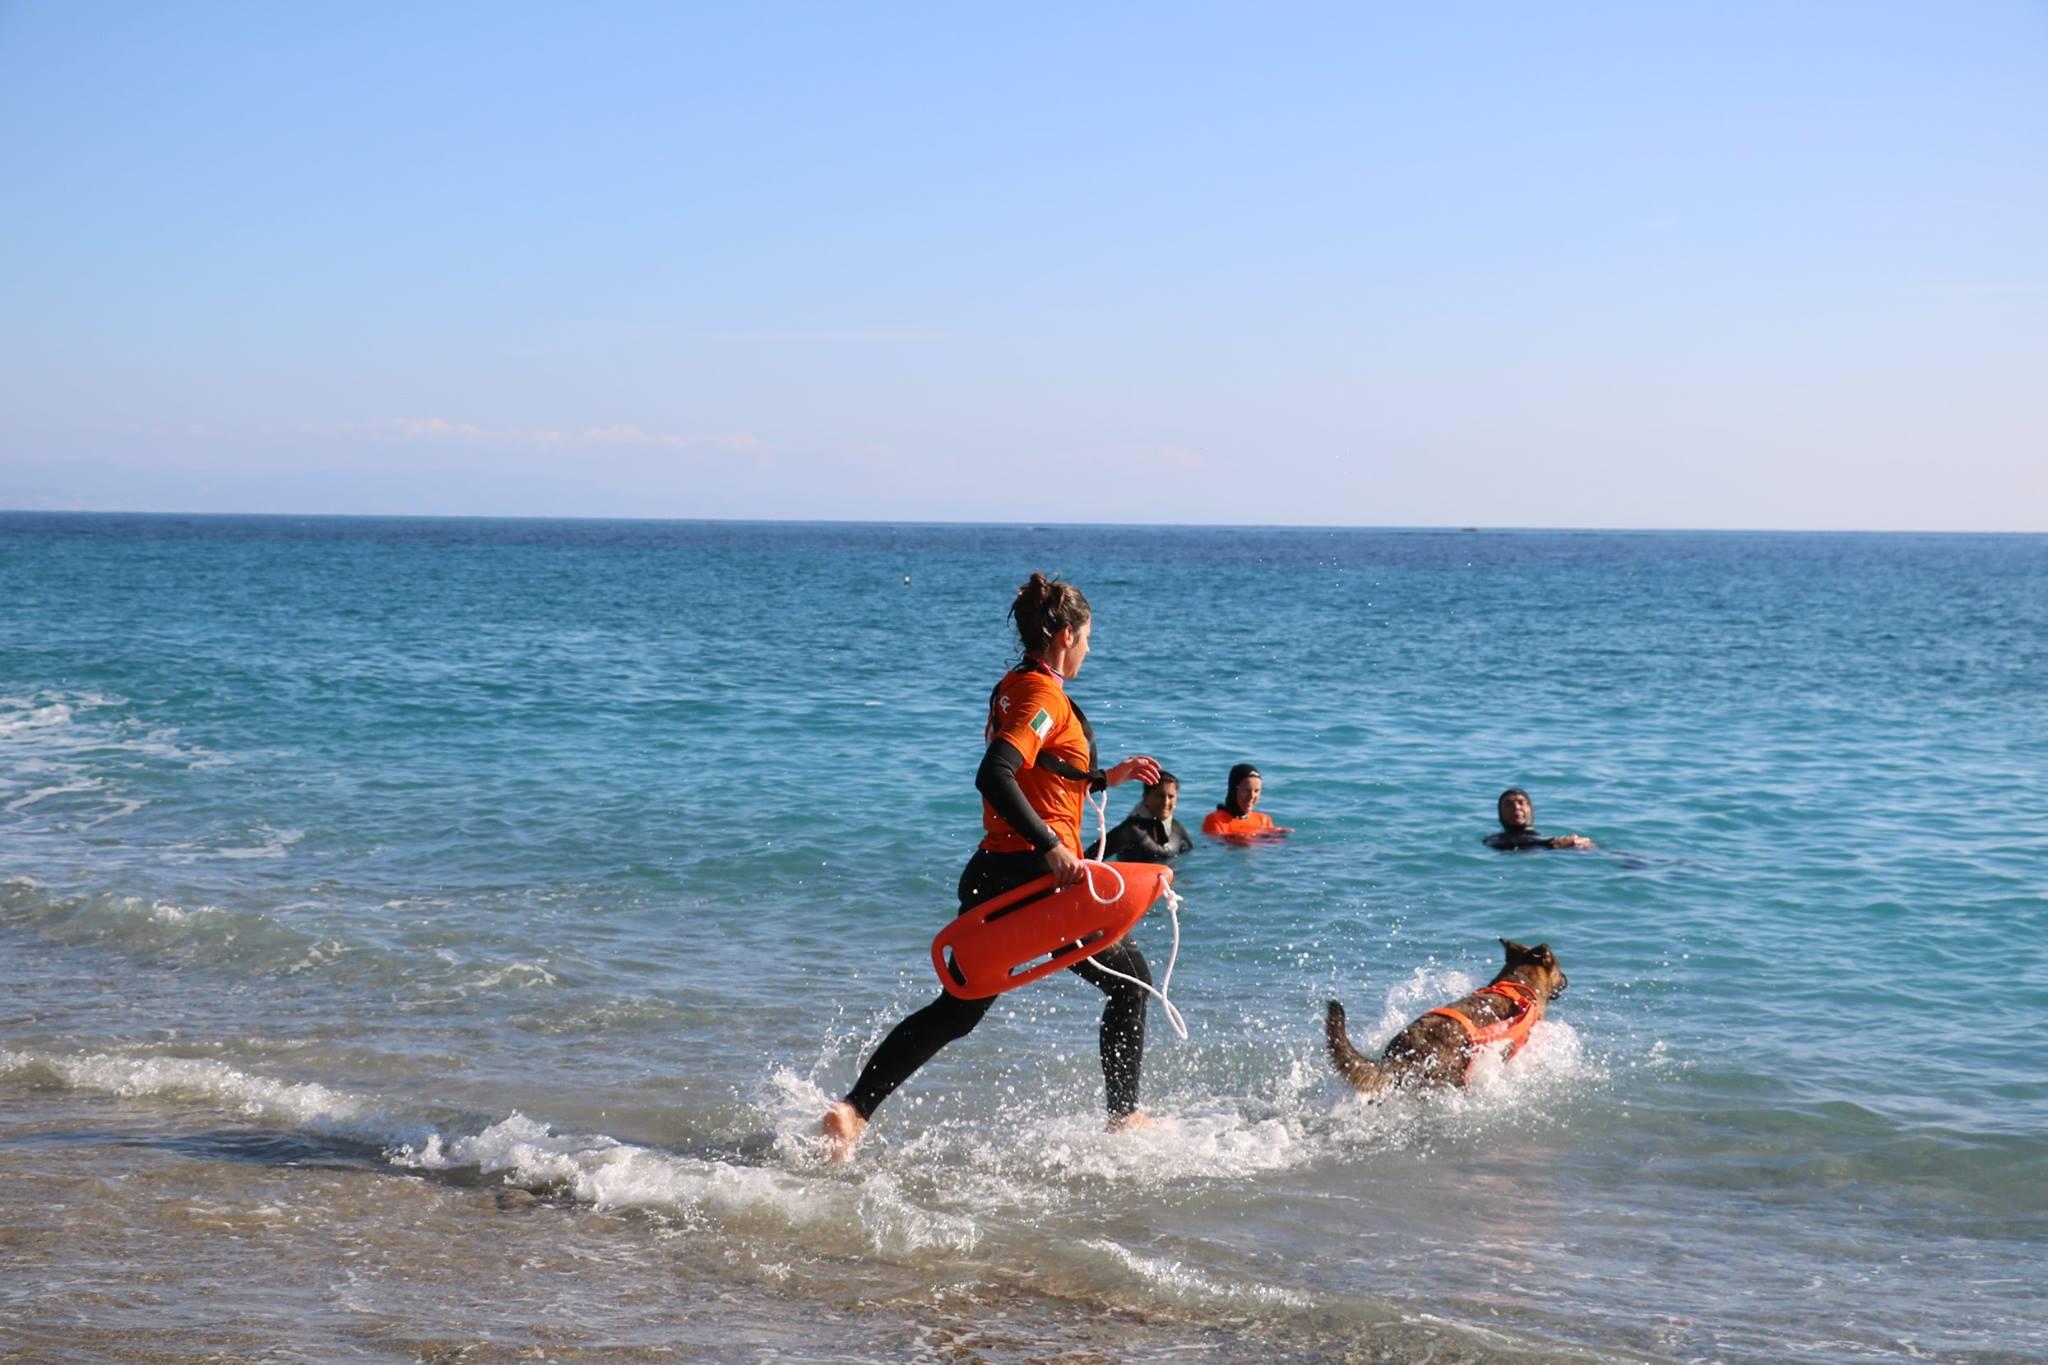 Associazione Dei dell'acqua Onlus, Cristina e Gwen salvataggio in acqua